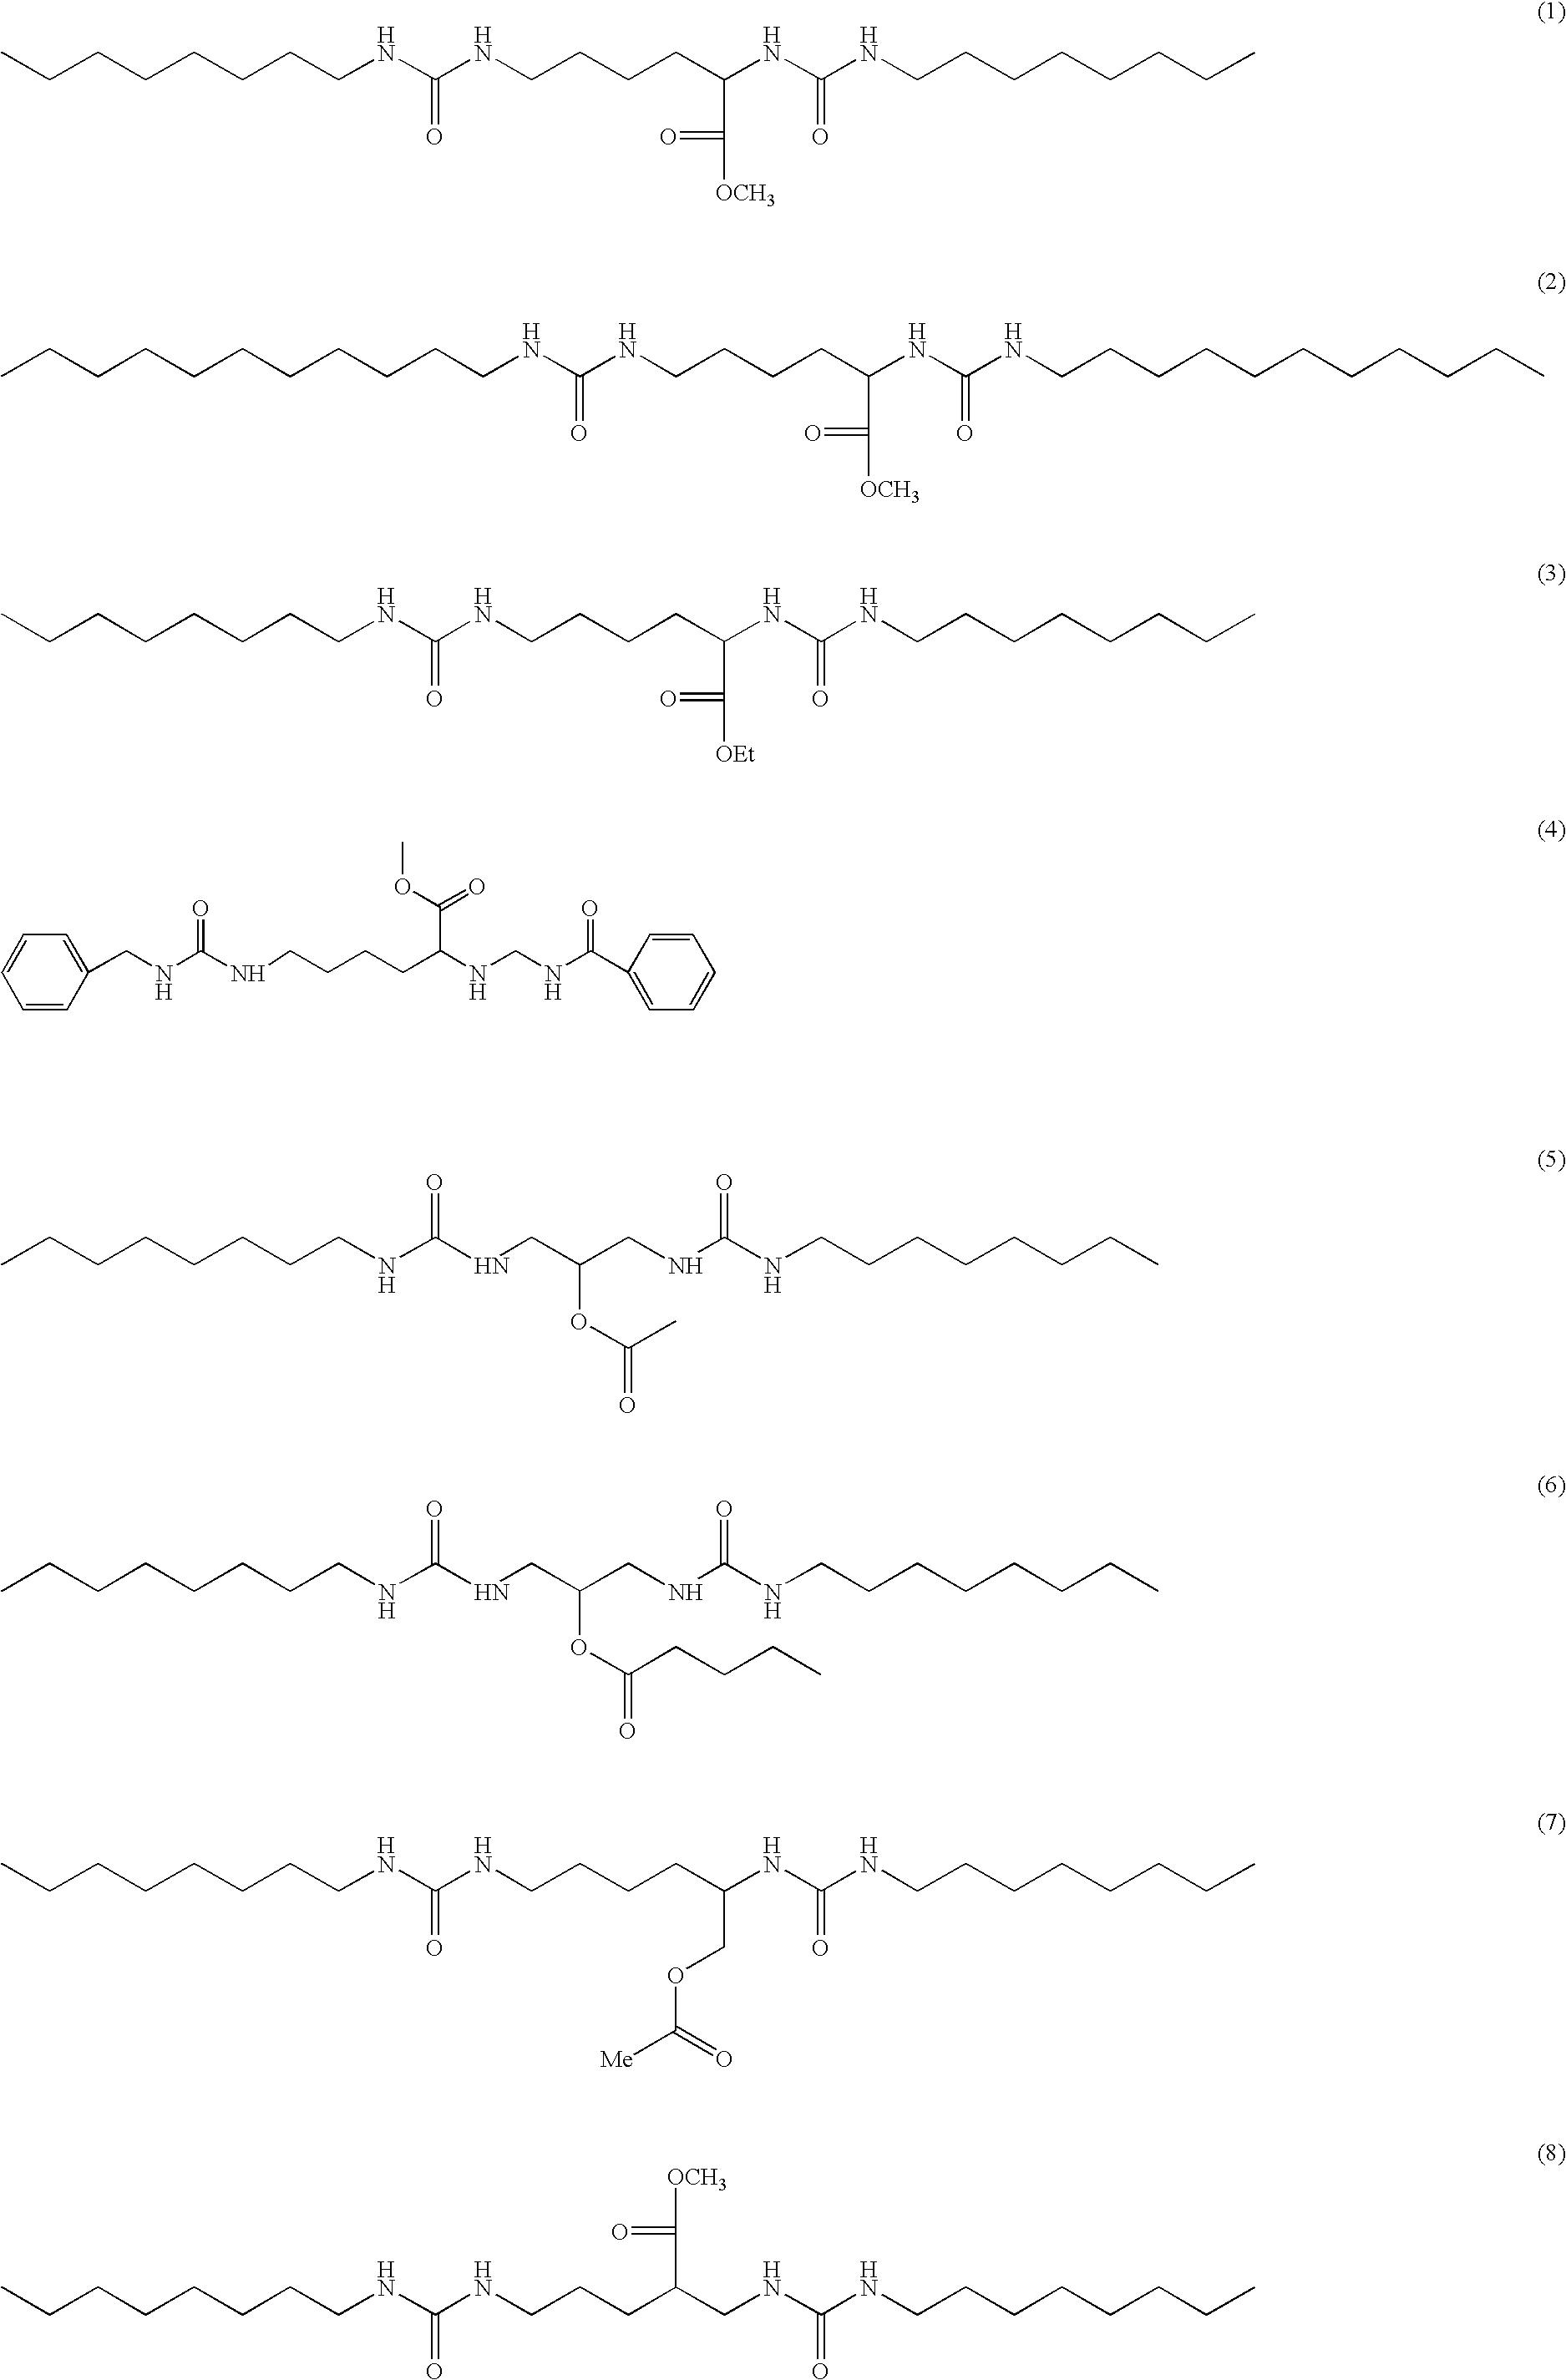 Figure US20060155021A1-20060713-C00004